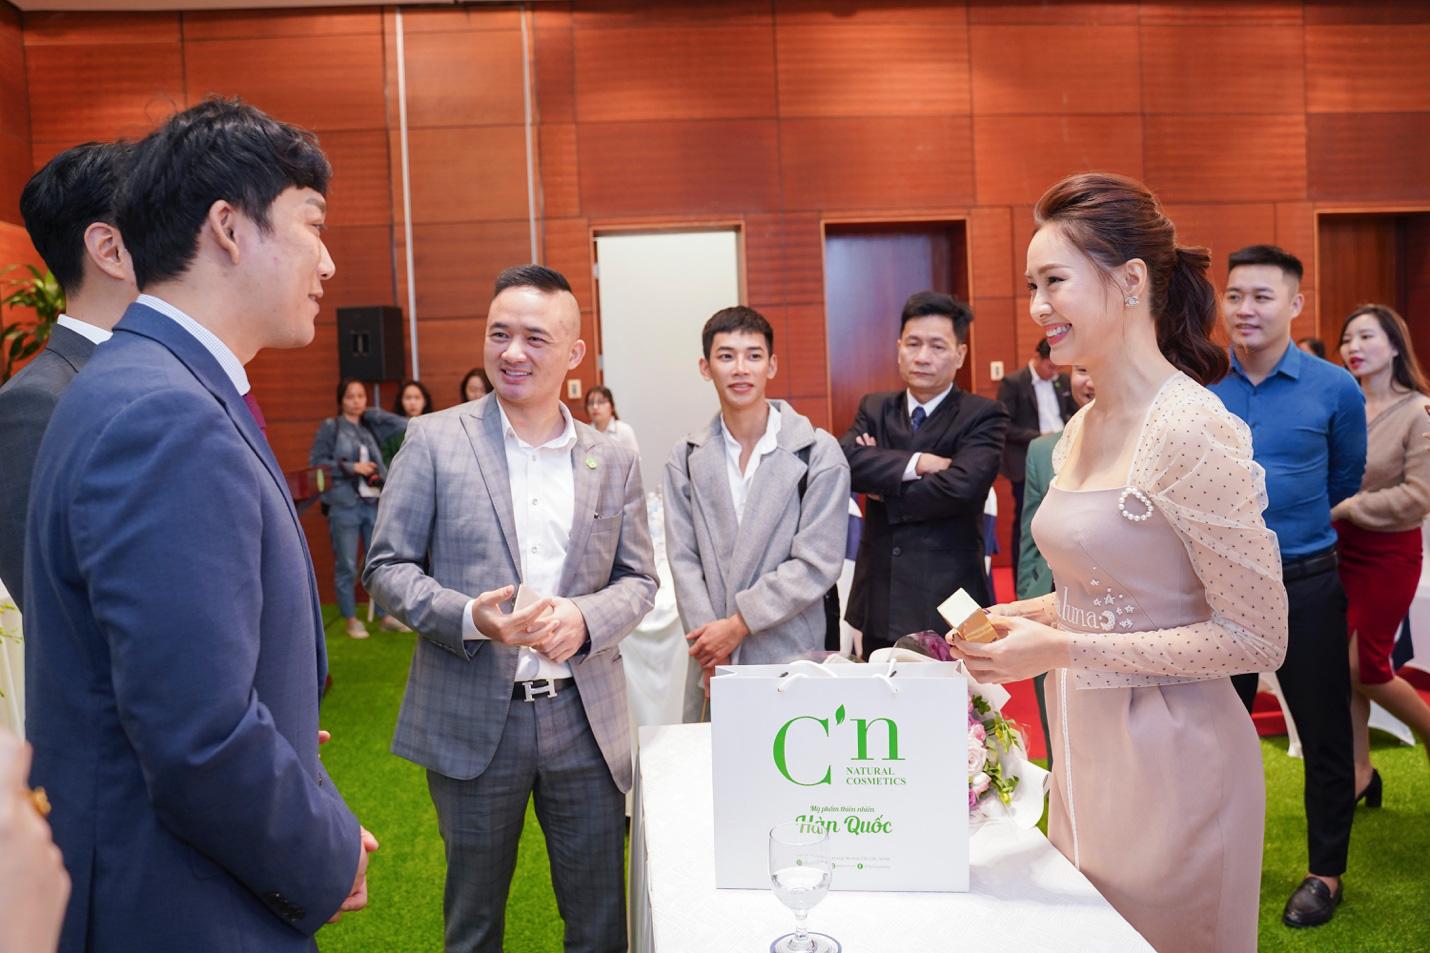 """Diễn viên Hồng Diễm """"nhập vai"""" đại sứ mỹ phẩm thiên nhiên C'n Hàn Quốc - Ảnh 4."""